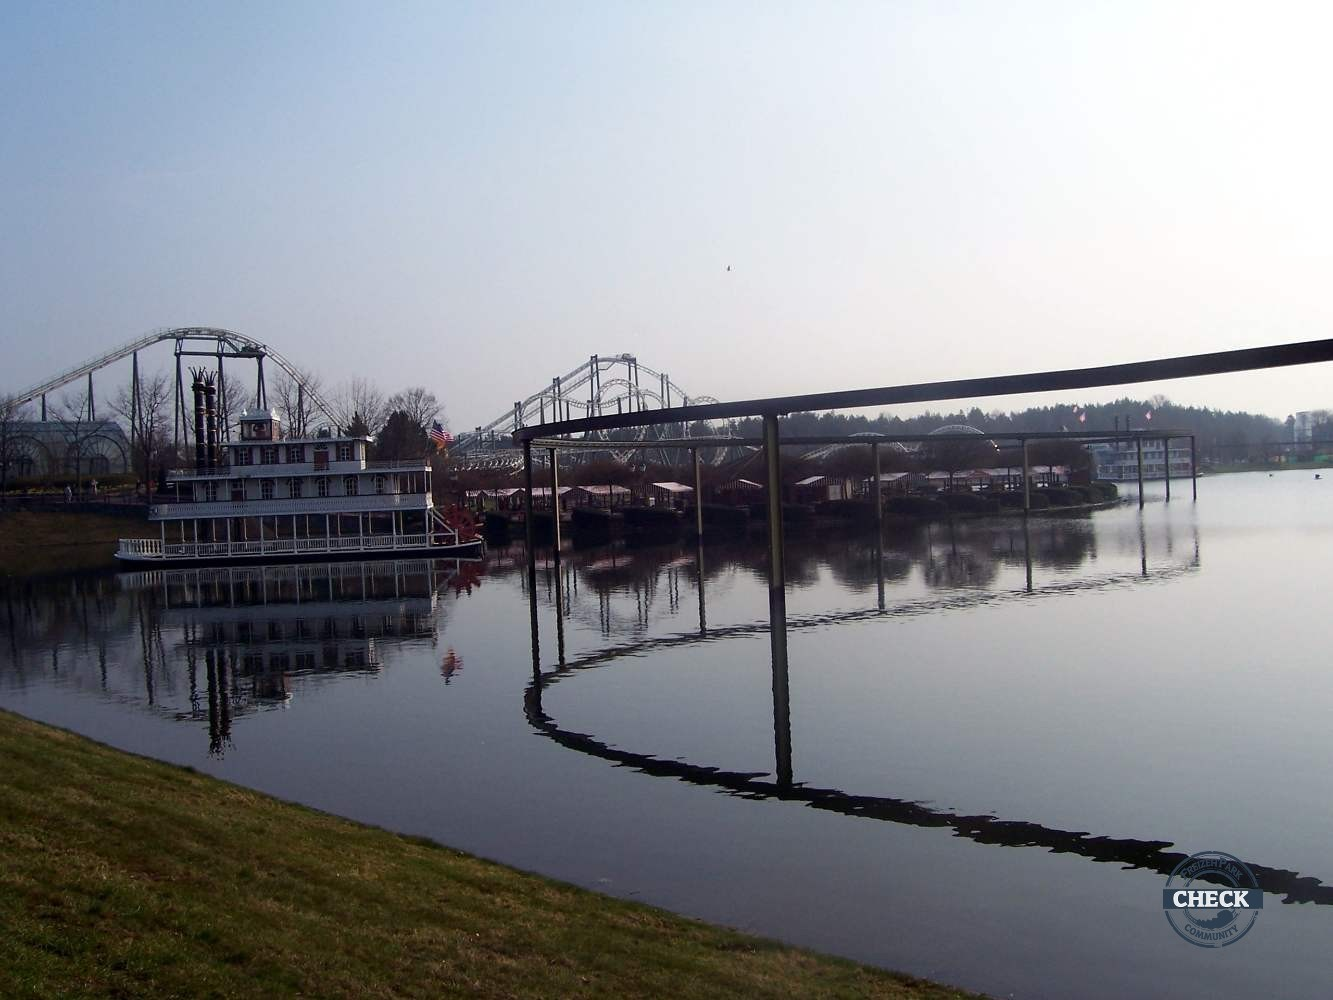 Mississippi Dampfer